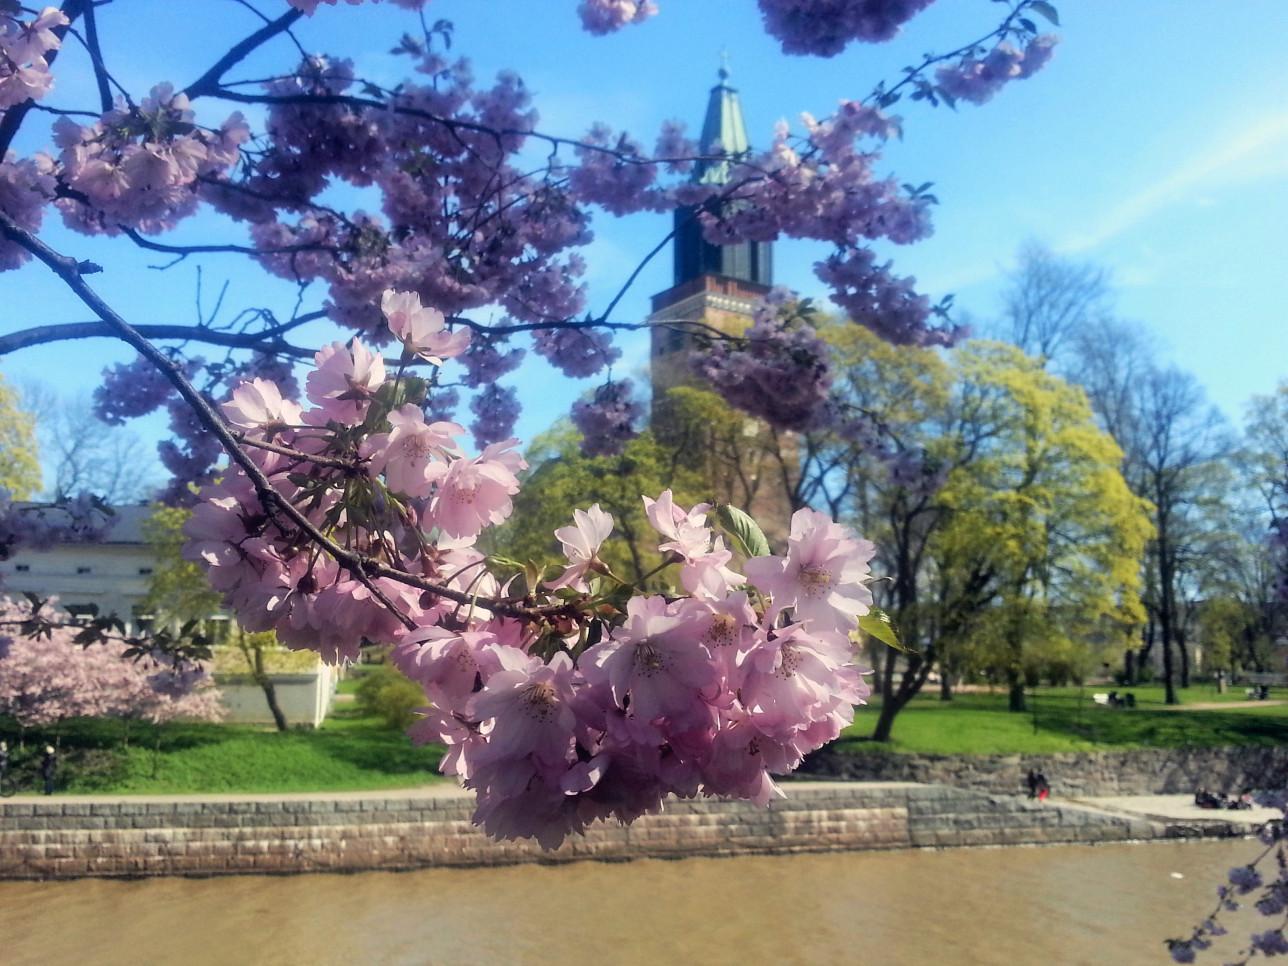 Kirsikkapuun oksa, jossa vaaleanpunainen kukinta. Takana näkyy Tuomiokirkko ja Aurajoki.